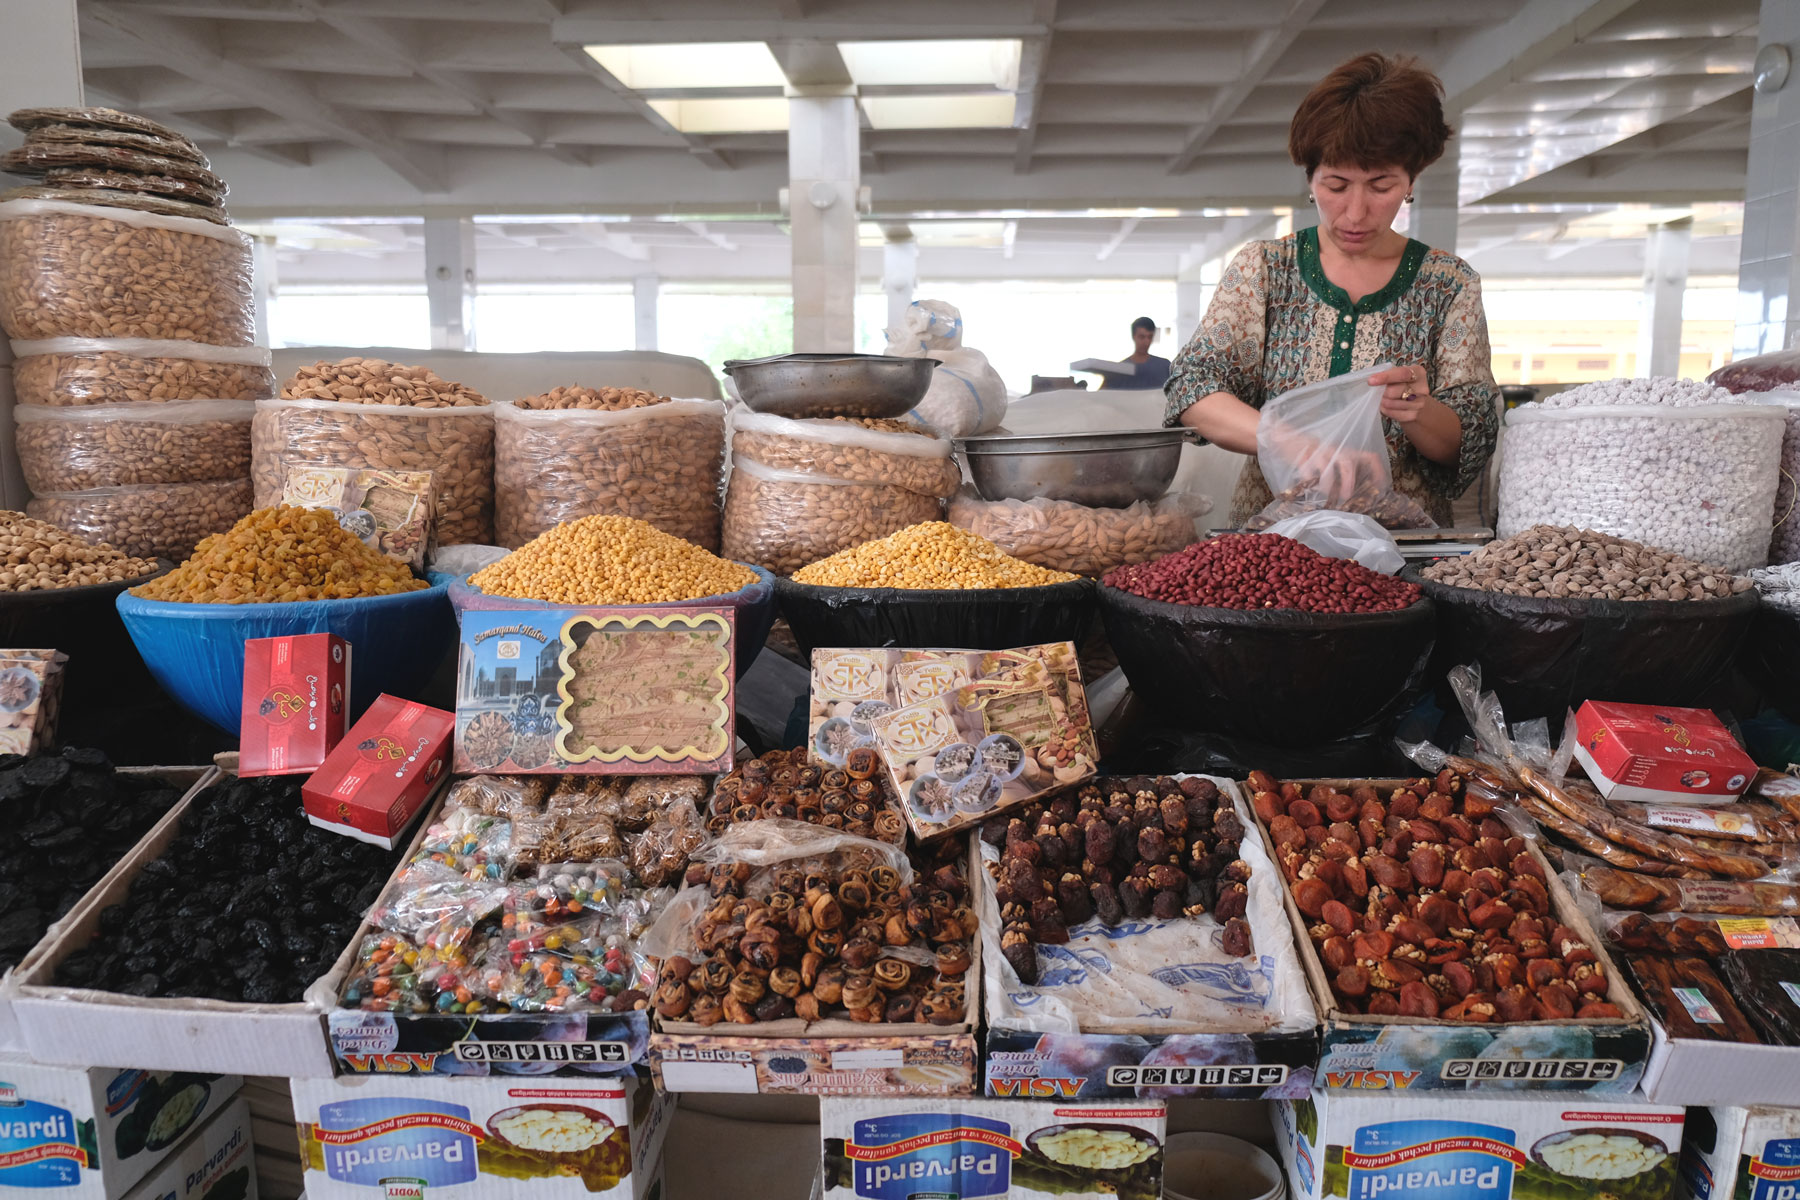 Trockenfrüchten und Nüssen auf einem Marktstand